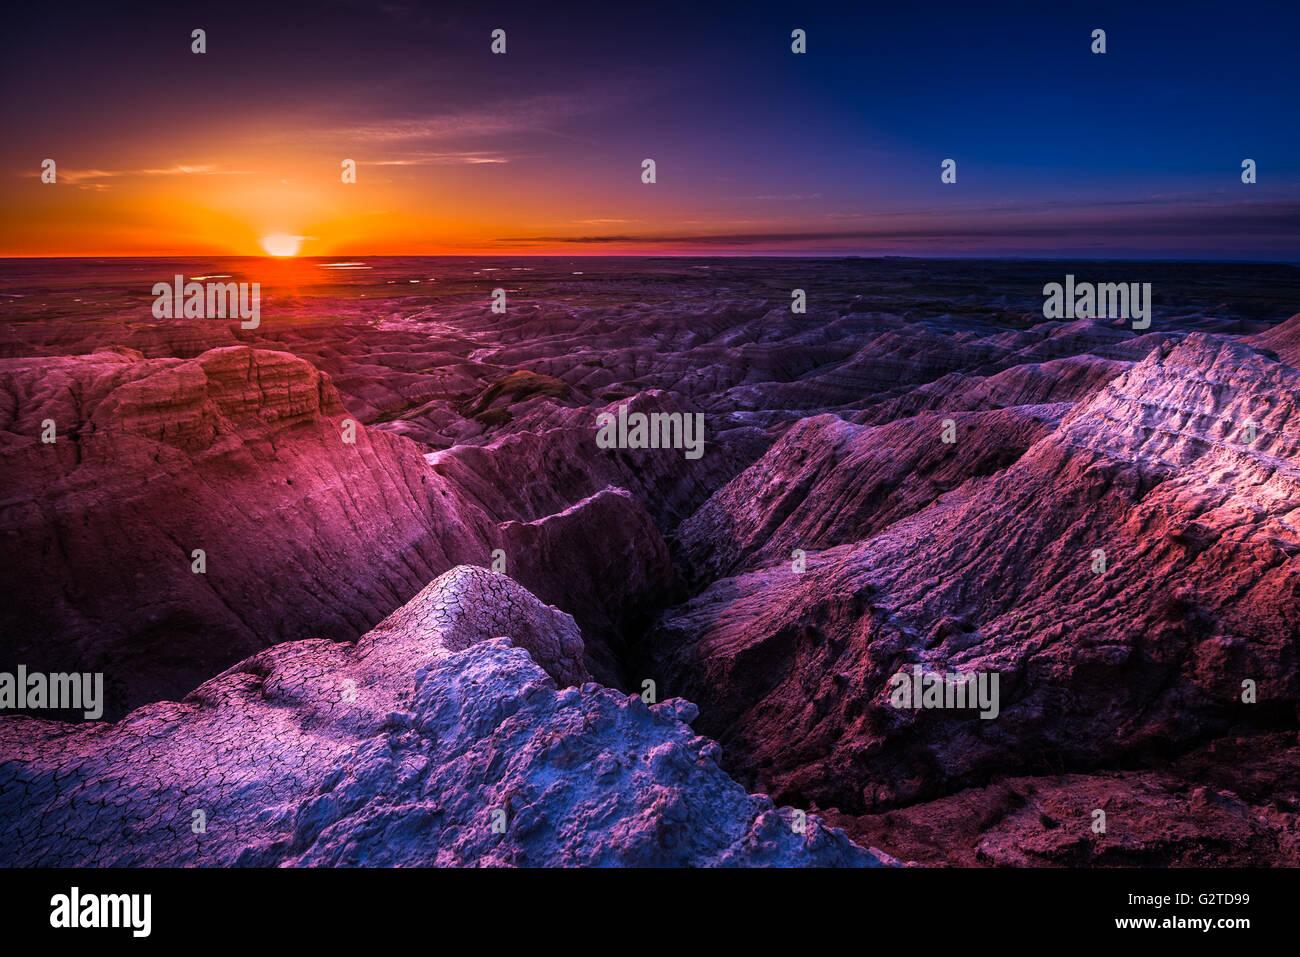 Badlands National Park South Dakota USA landscapes - Stock Image